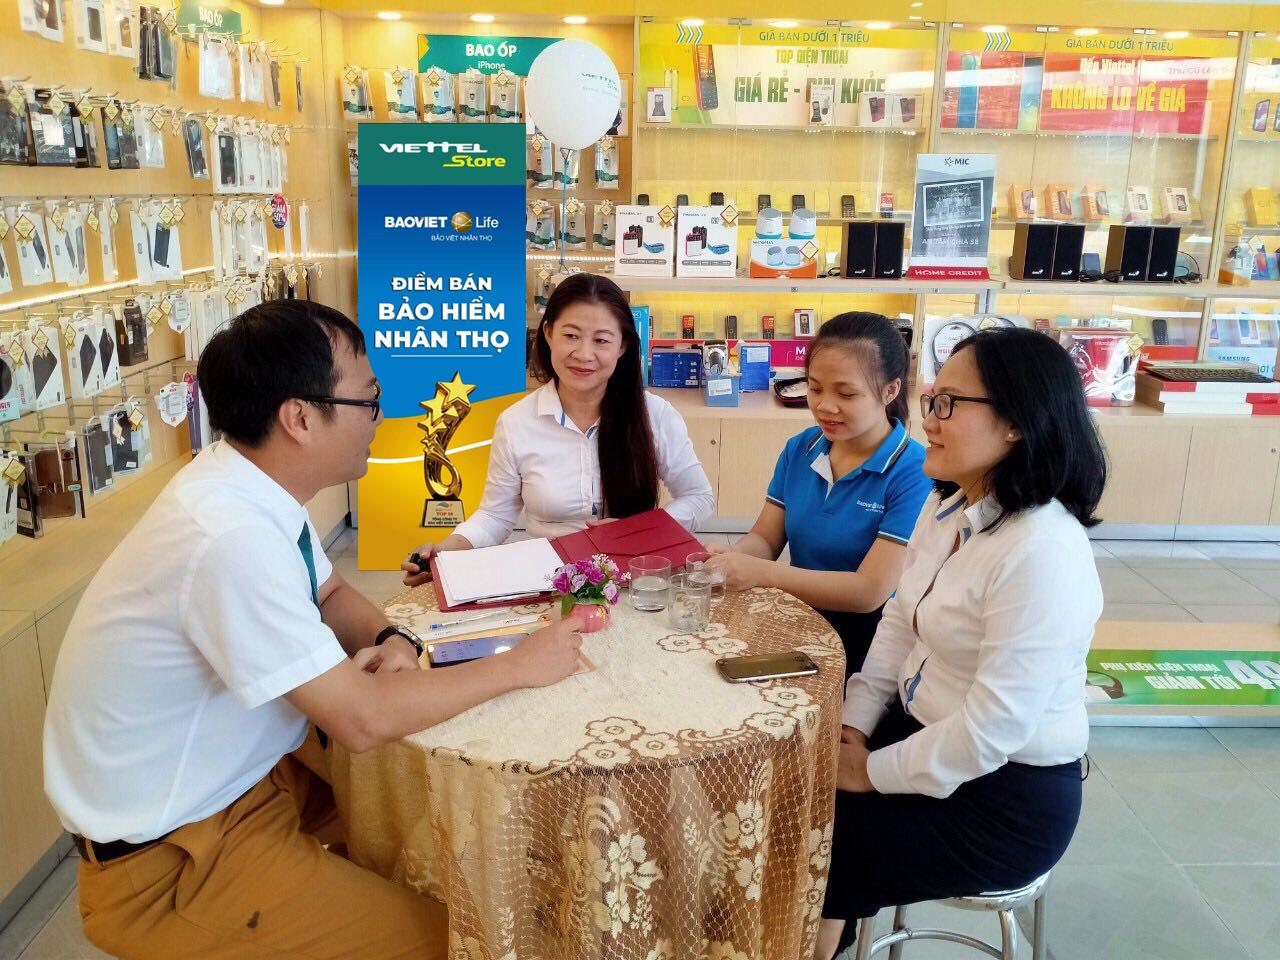 Bảo Việt Nhân thọ và Hệ thống siêu thị Viettel Storechính thức hợp tác triển khai phân phối bảo hiểm nhân thọ tại các điểm giao dịch - Ảnh 1